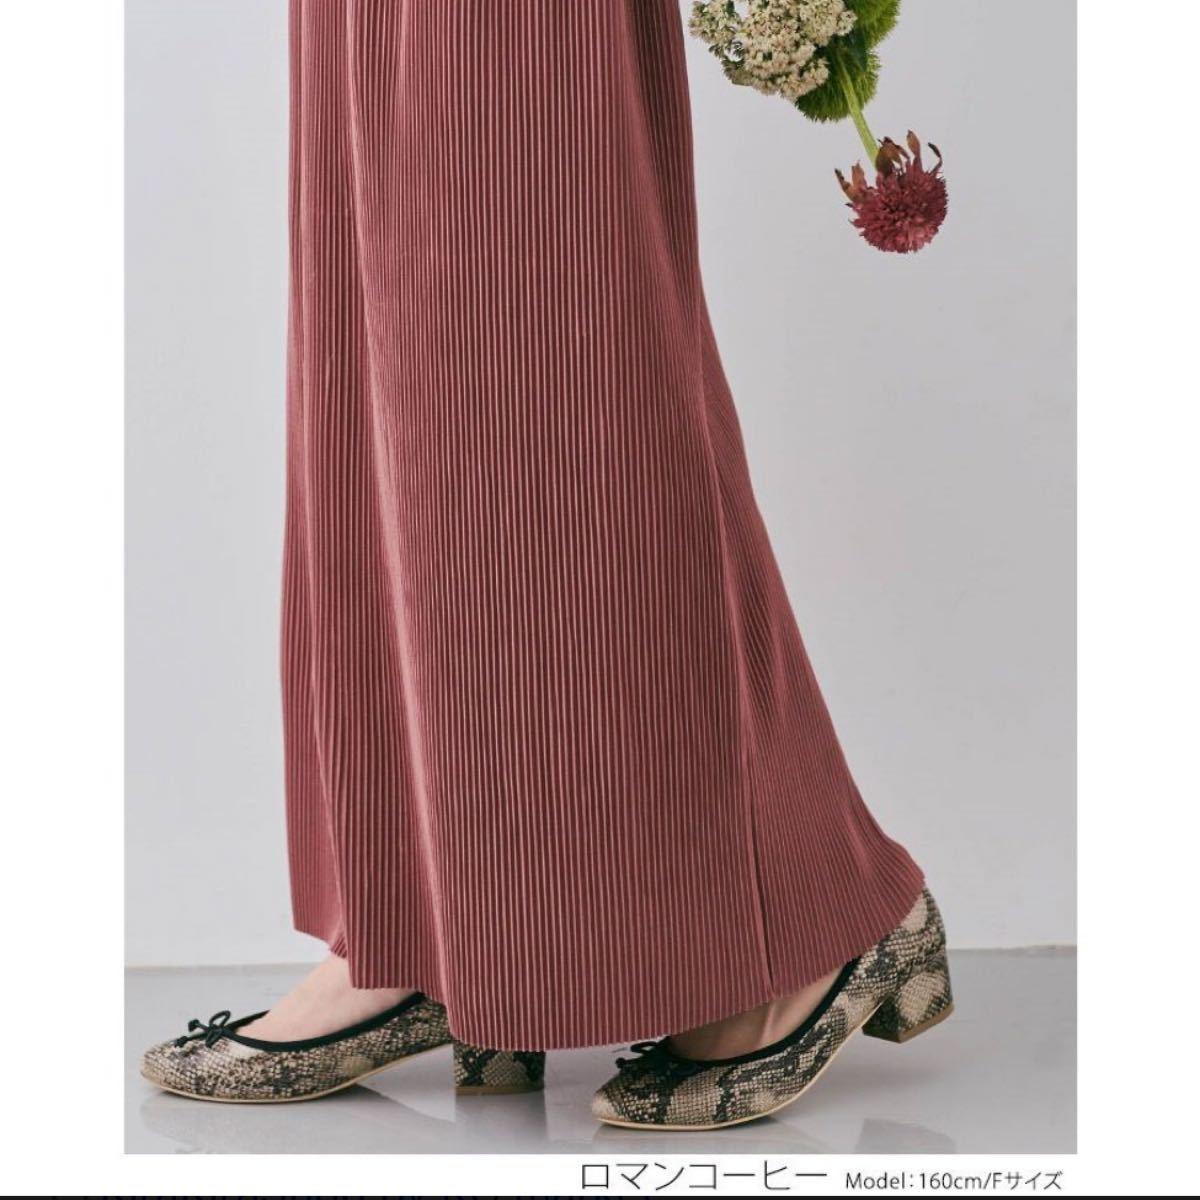 ナロースカート セミタイトスカート ロングスカート プリーツスカート マキシ丈 ストレート ウエストゴム 裾カットOK ボトムス